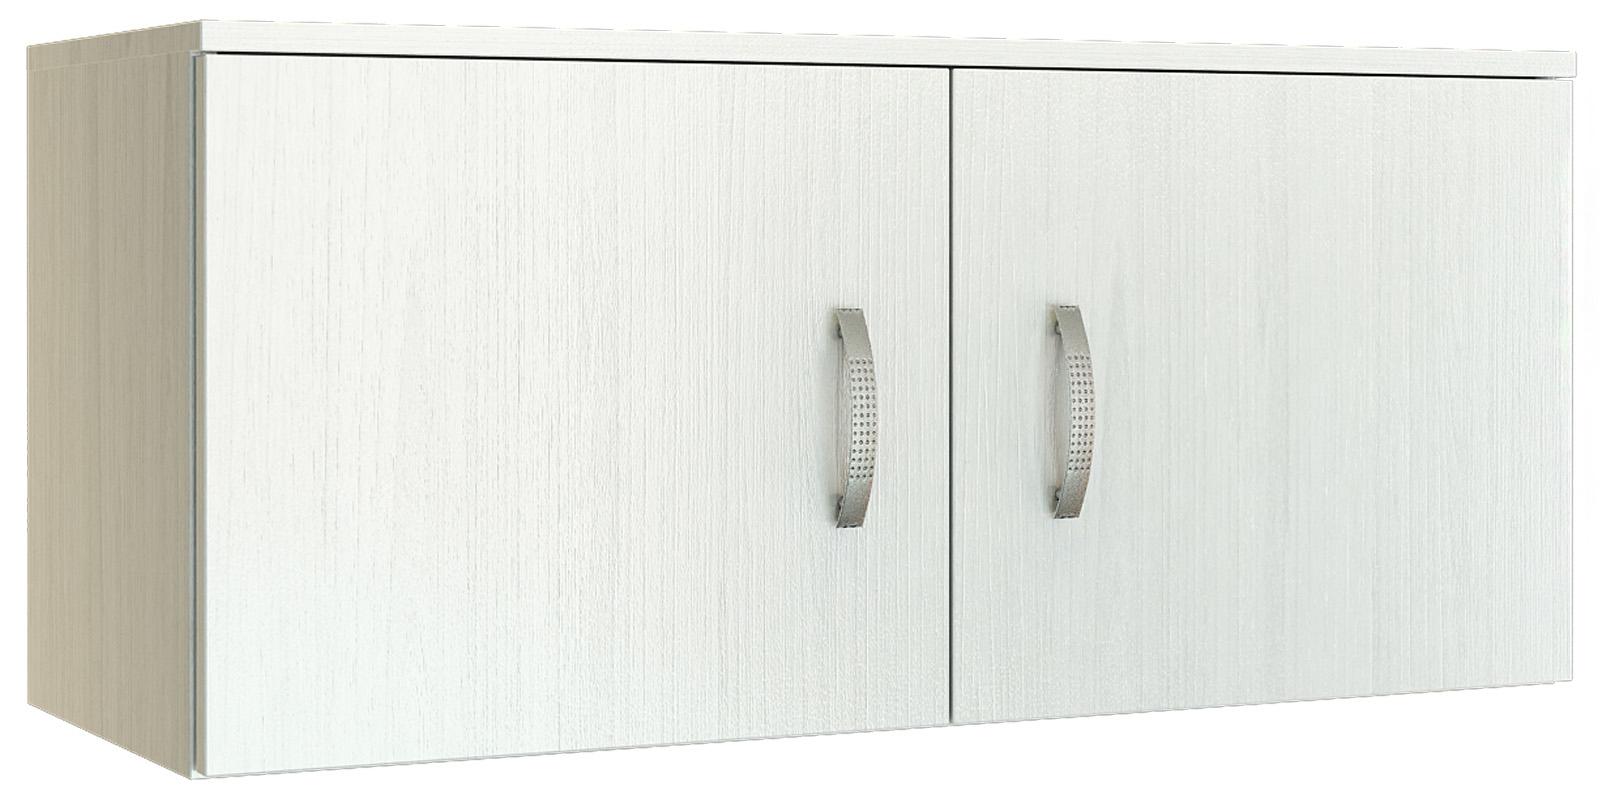 Шкаф навесной Хельга антресоль 90 см (белый) Хельга